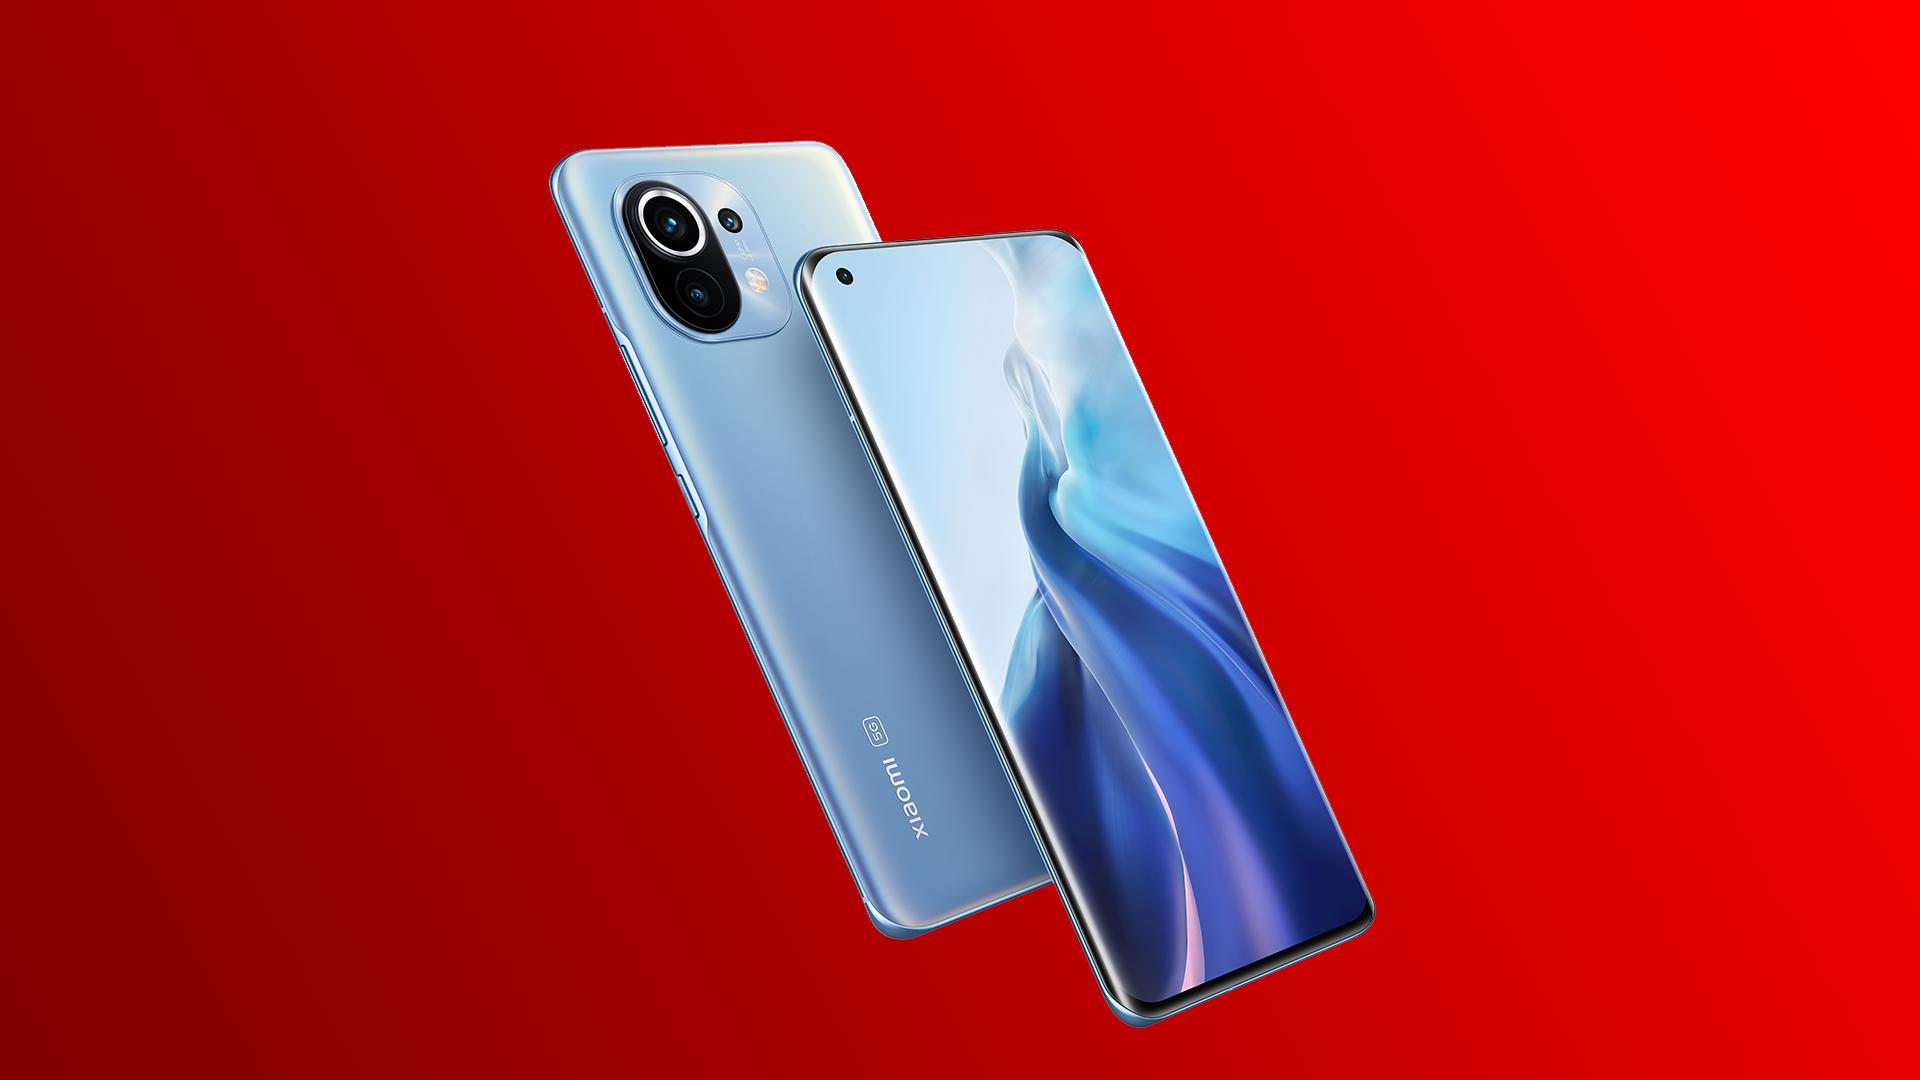 Das neue Smartphone Xiaomi Mi 11 | 5G in Horizon Blue frontal und rückseitig.